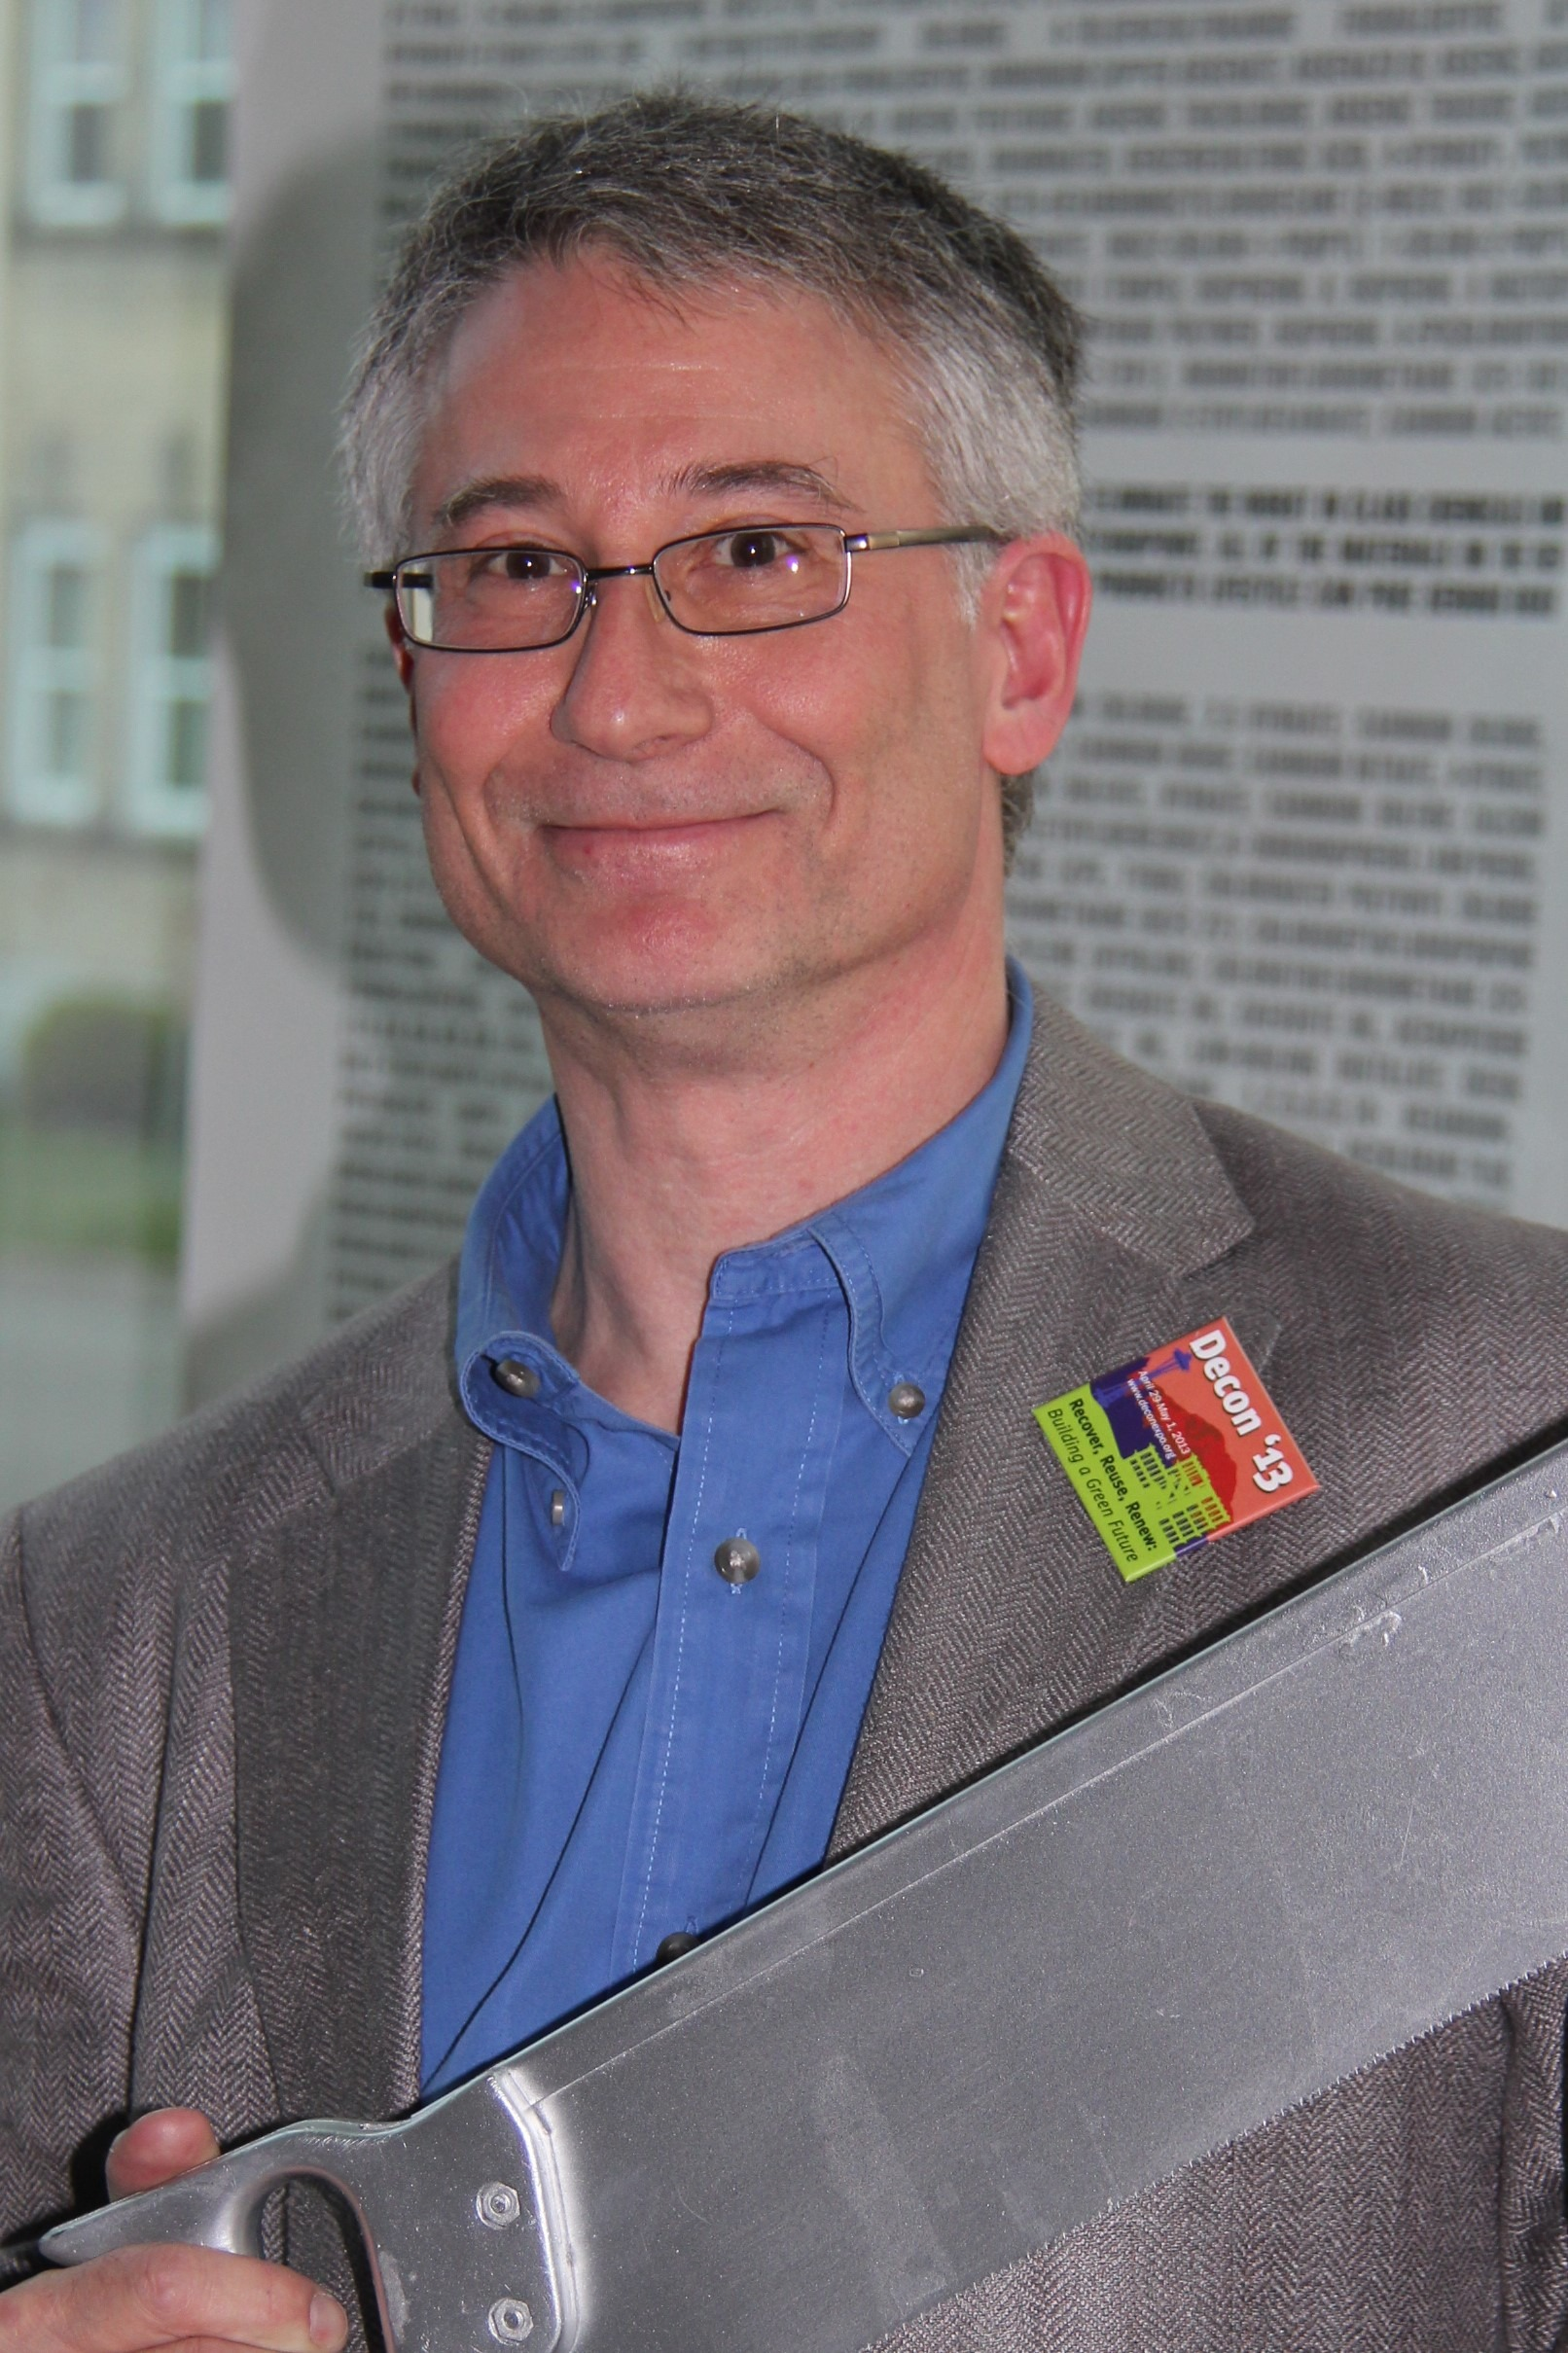 JIM SCHULMAN